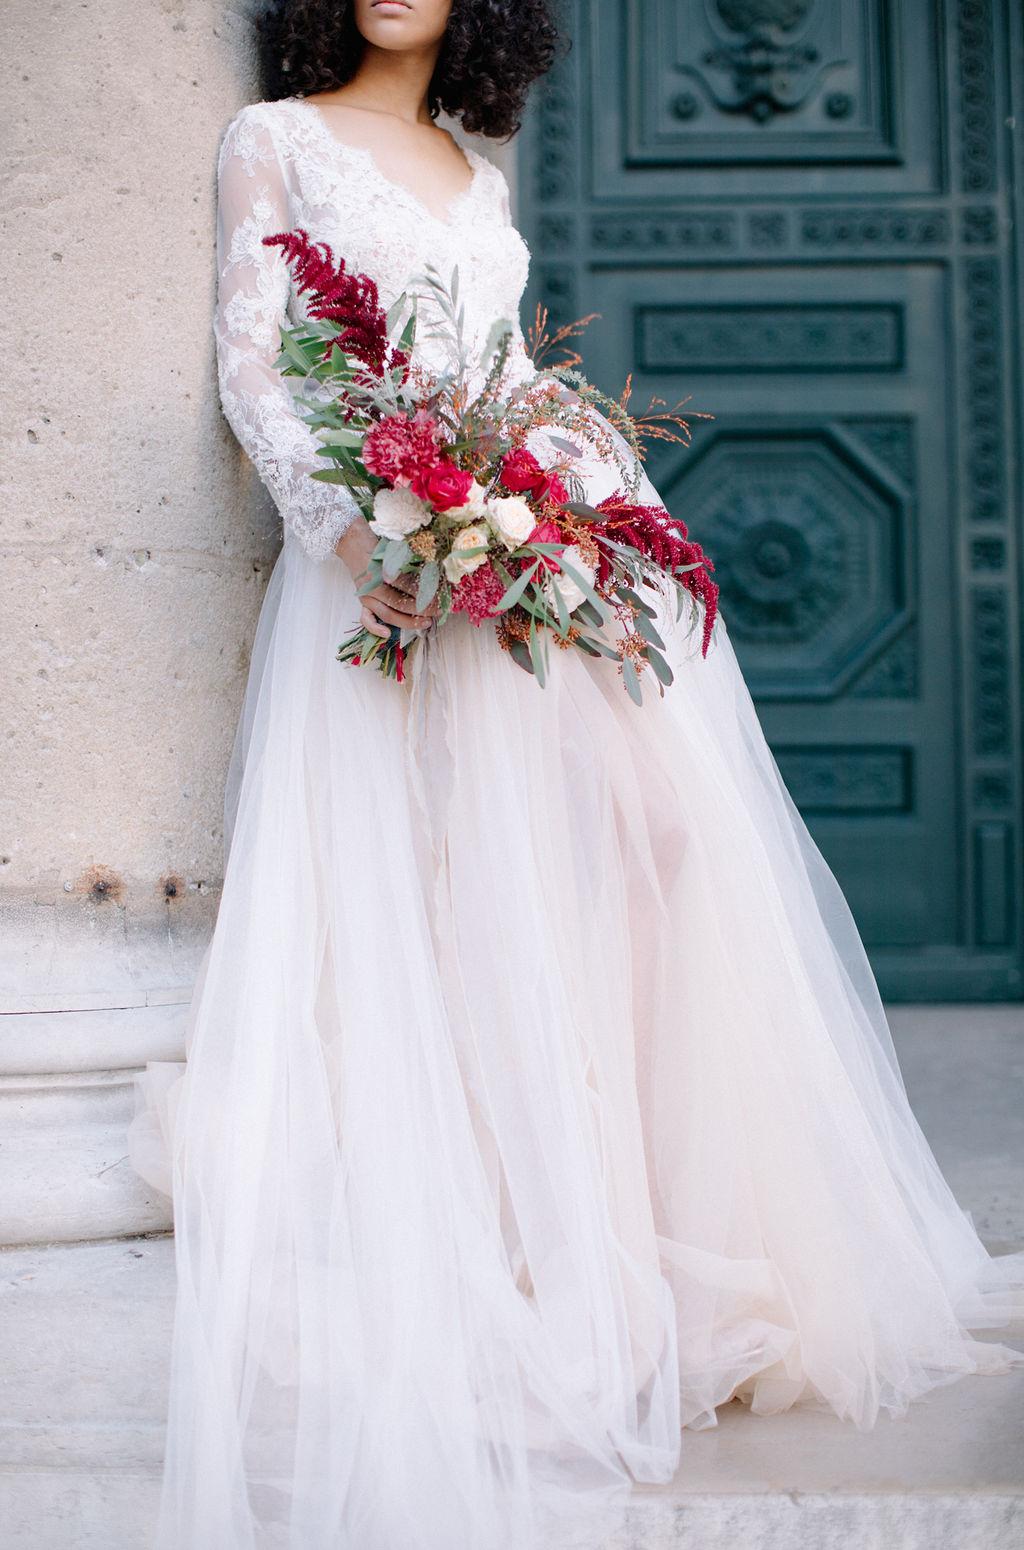 sublime mariée tenant son bouquet à la main, dans une robe ton nude se promenant à Paris